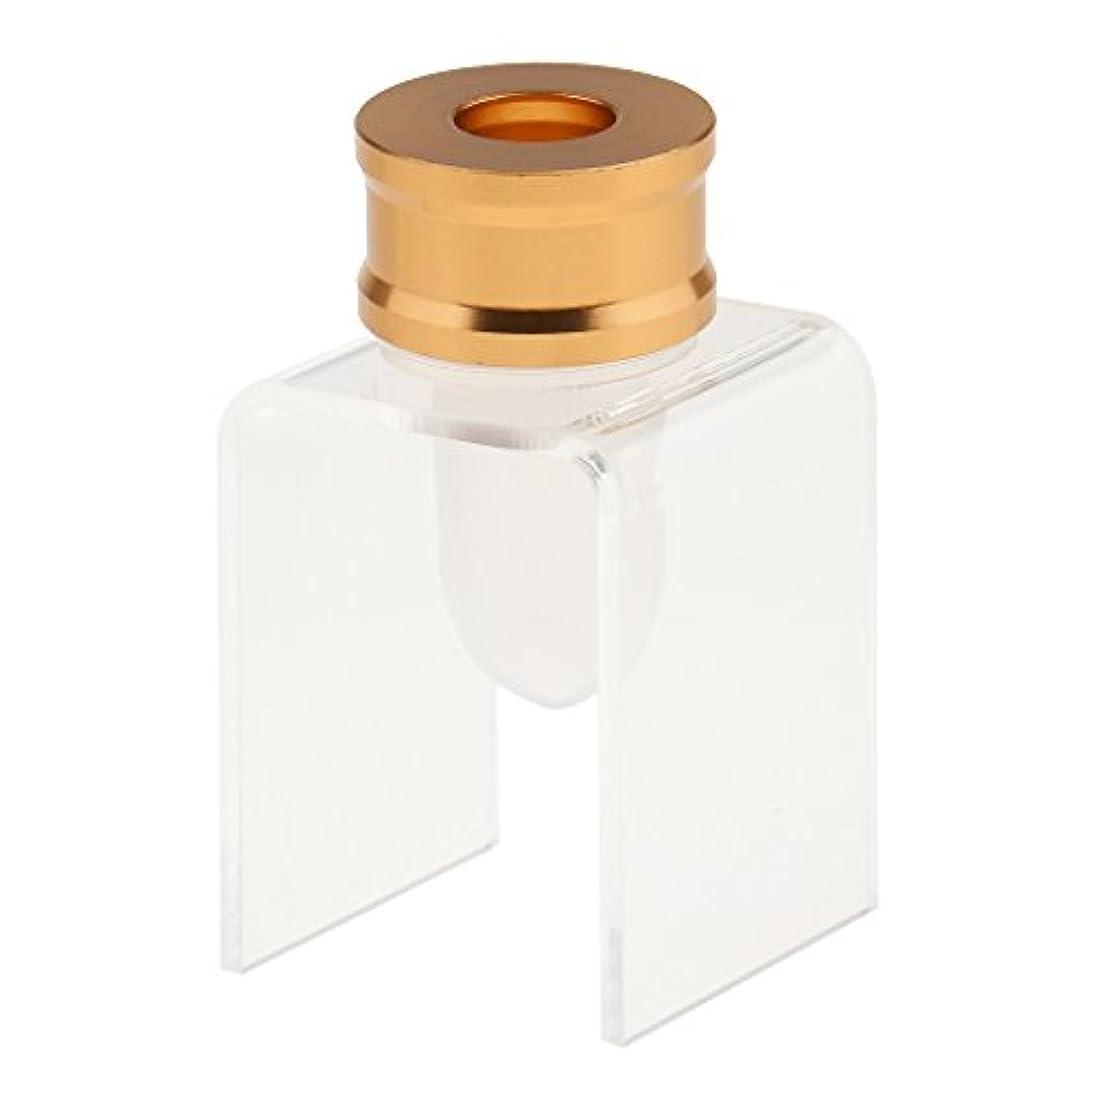 性能構造マウンド口紅 リップクリーム 金型 DIY モールド メイクアップツール リップスティック金型 ホルダー